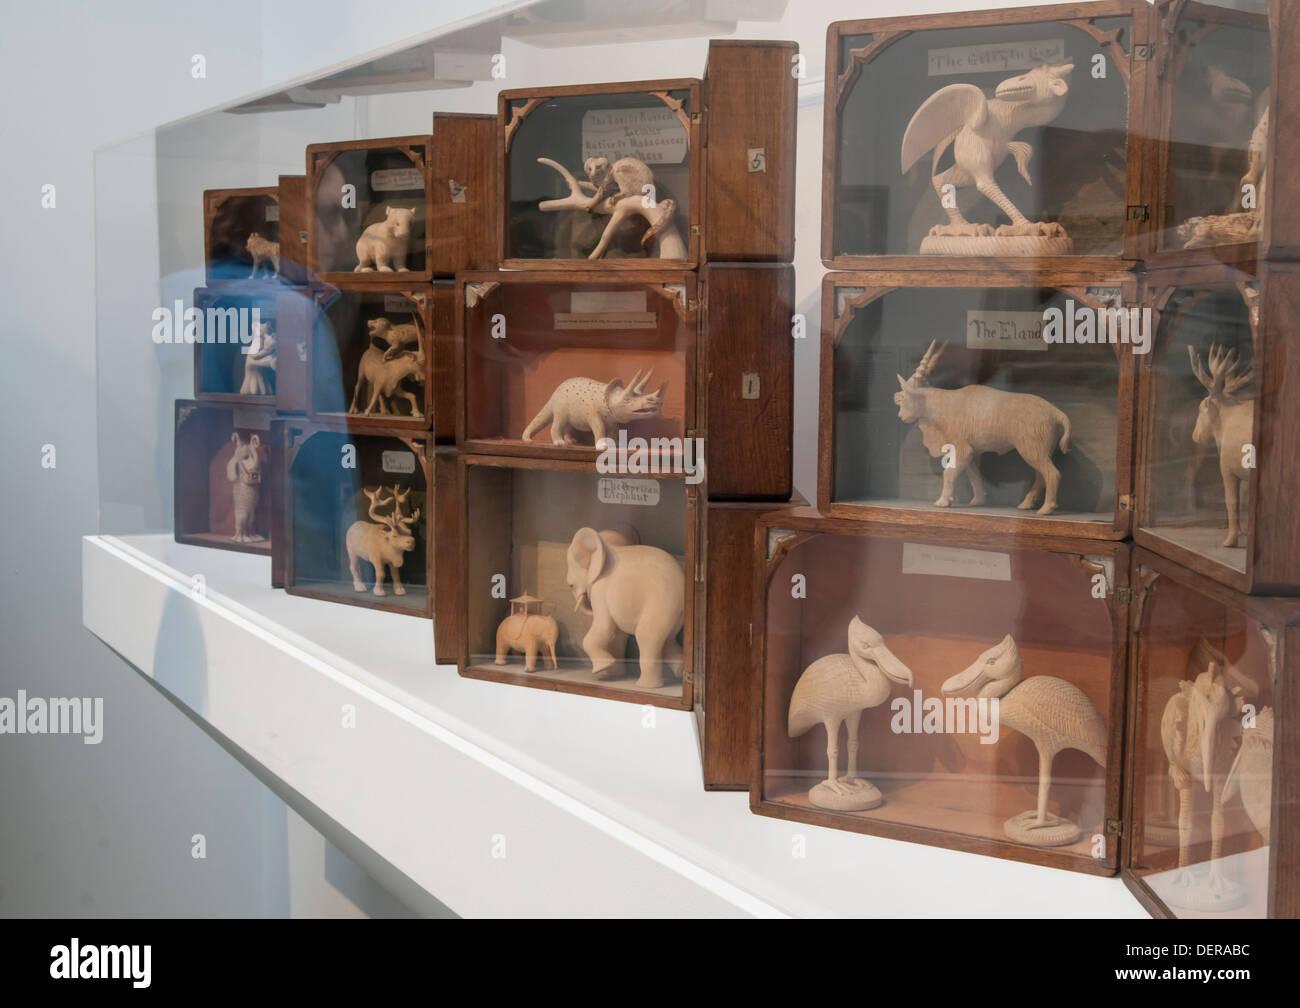 Venice Biennale 2013,' Palazzo enciclopedico' exhibition.. - Stock Image